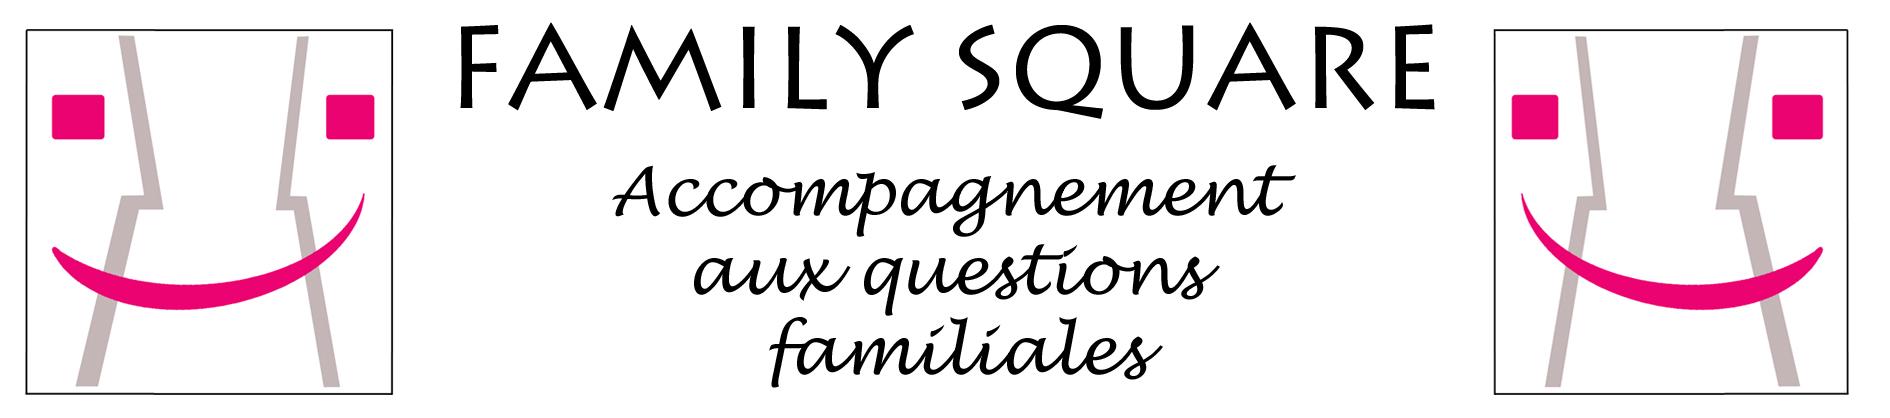 FamilySquare